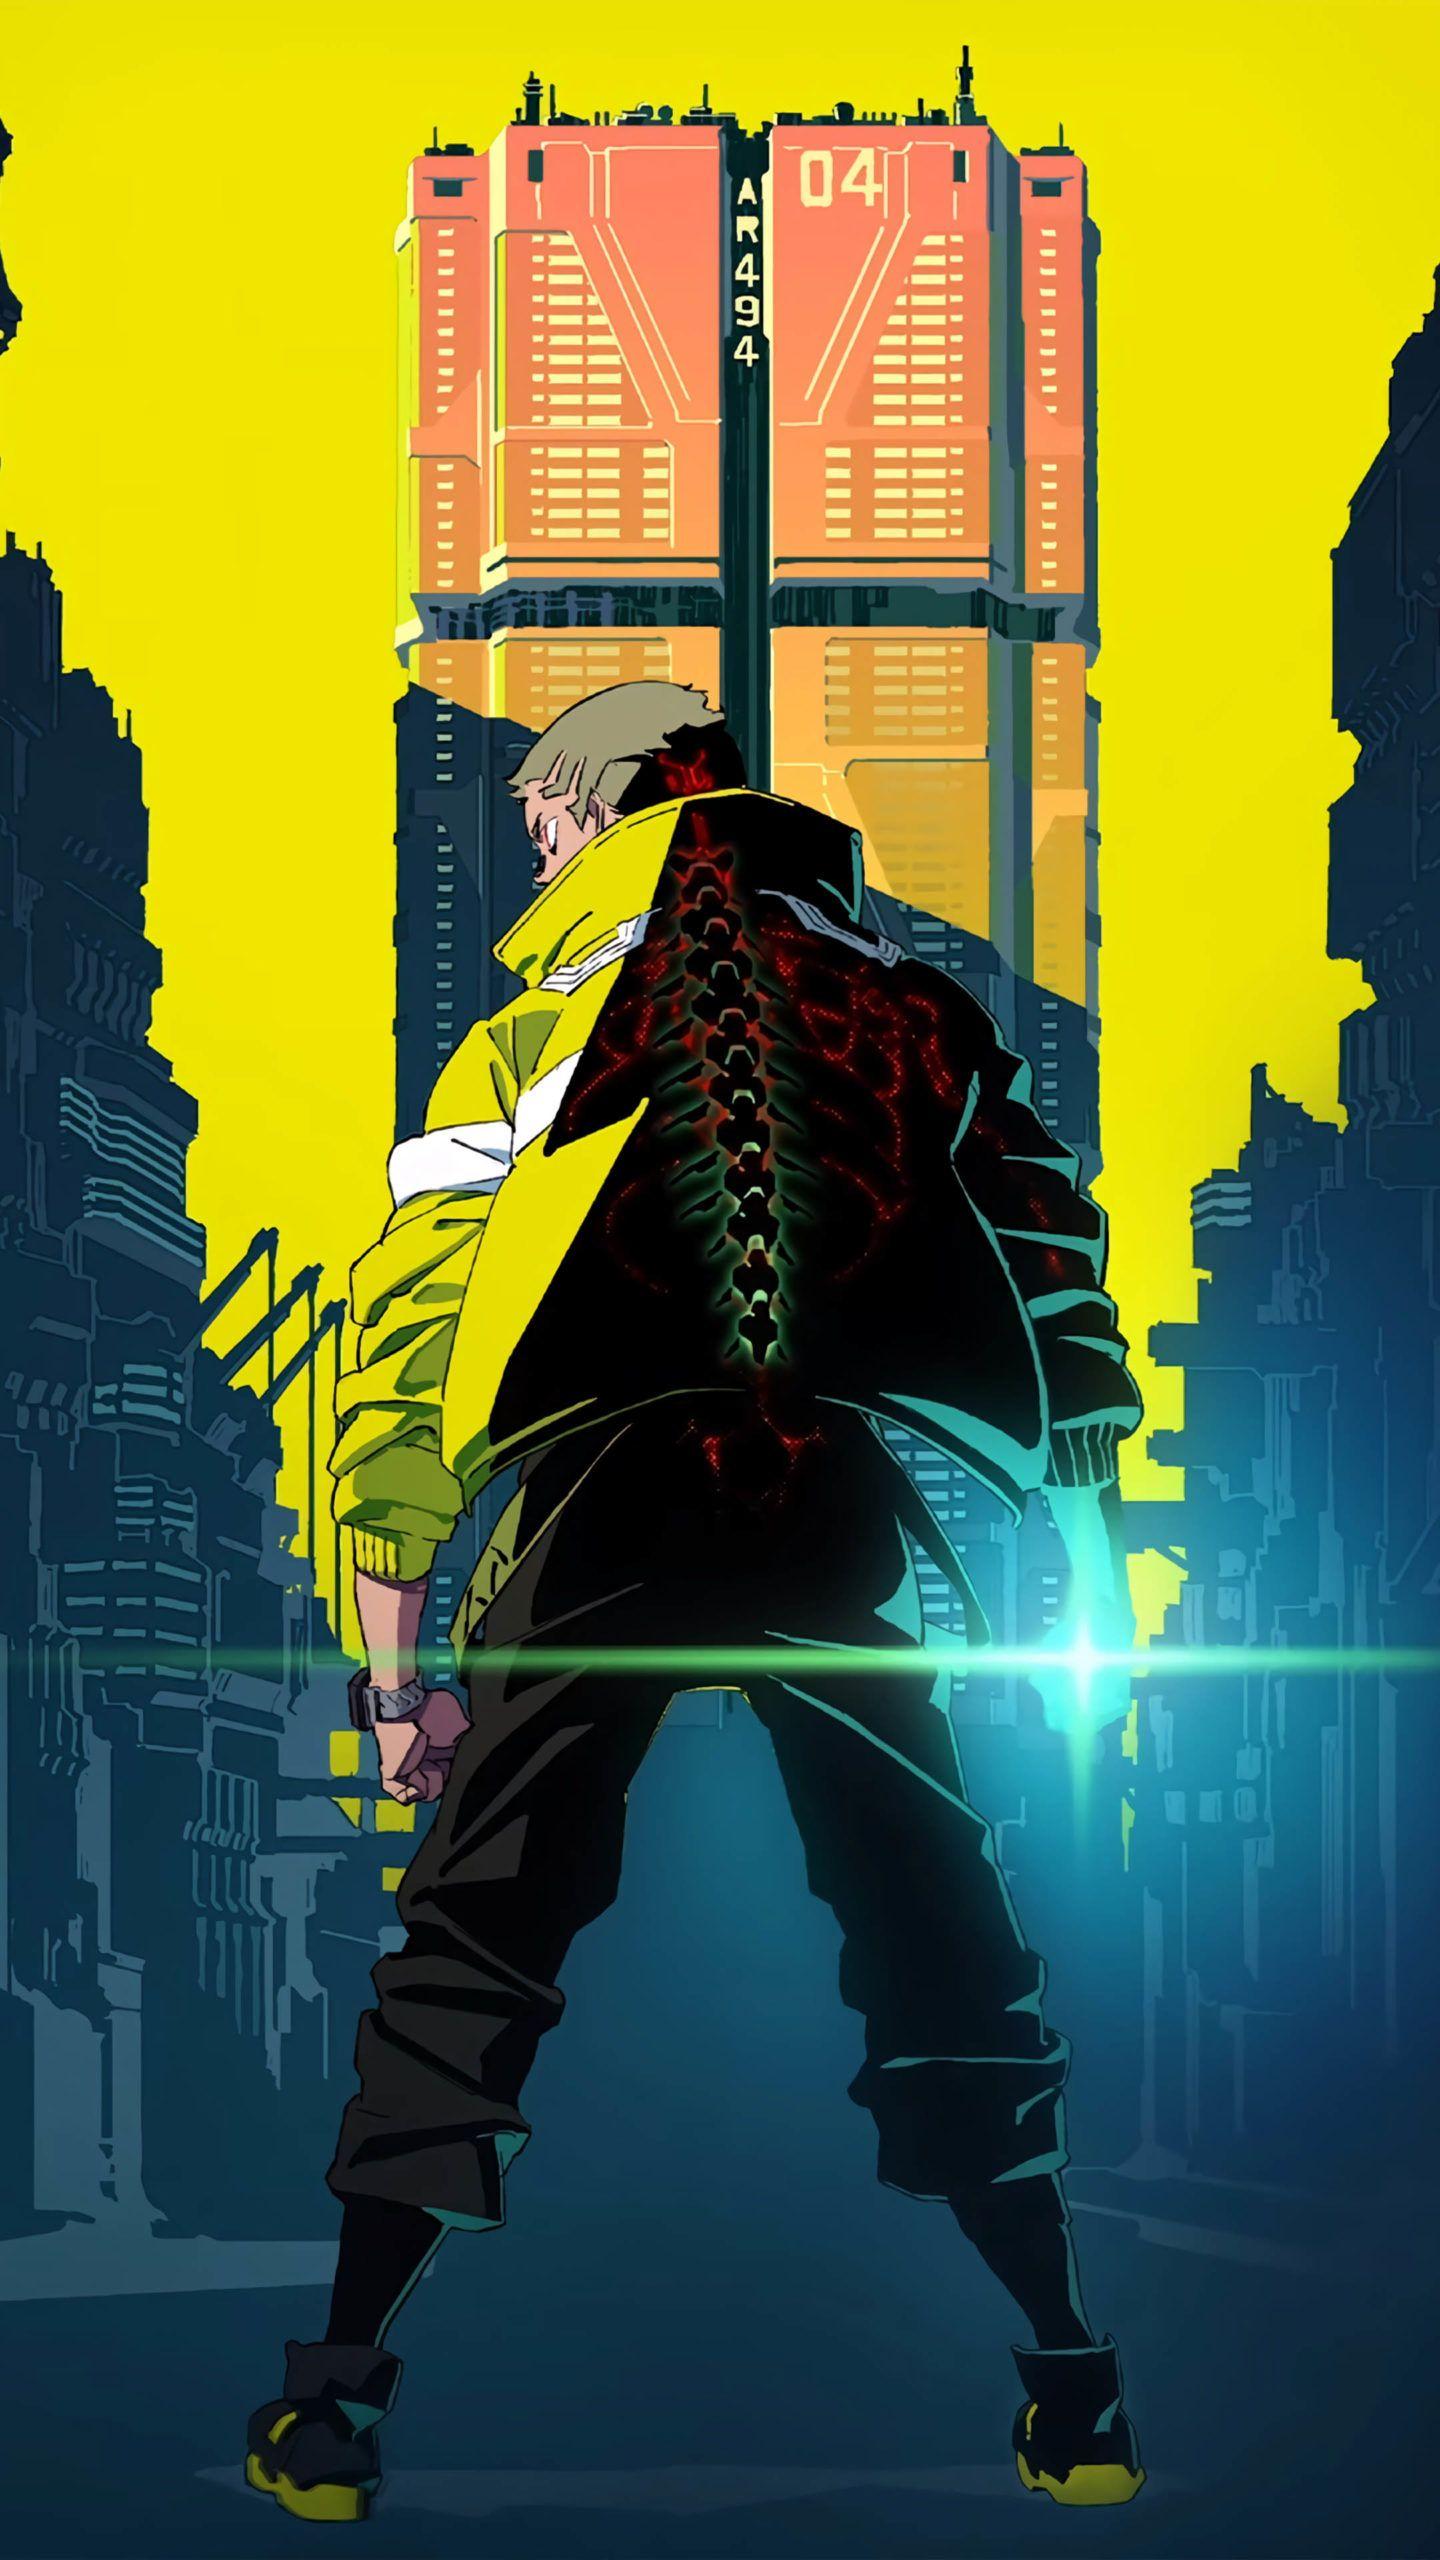 أجل لعبة Cyberpunk 2077 جيدة، لكن لا تنس الأنمي!